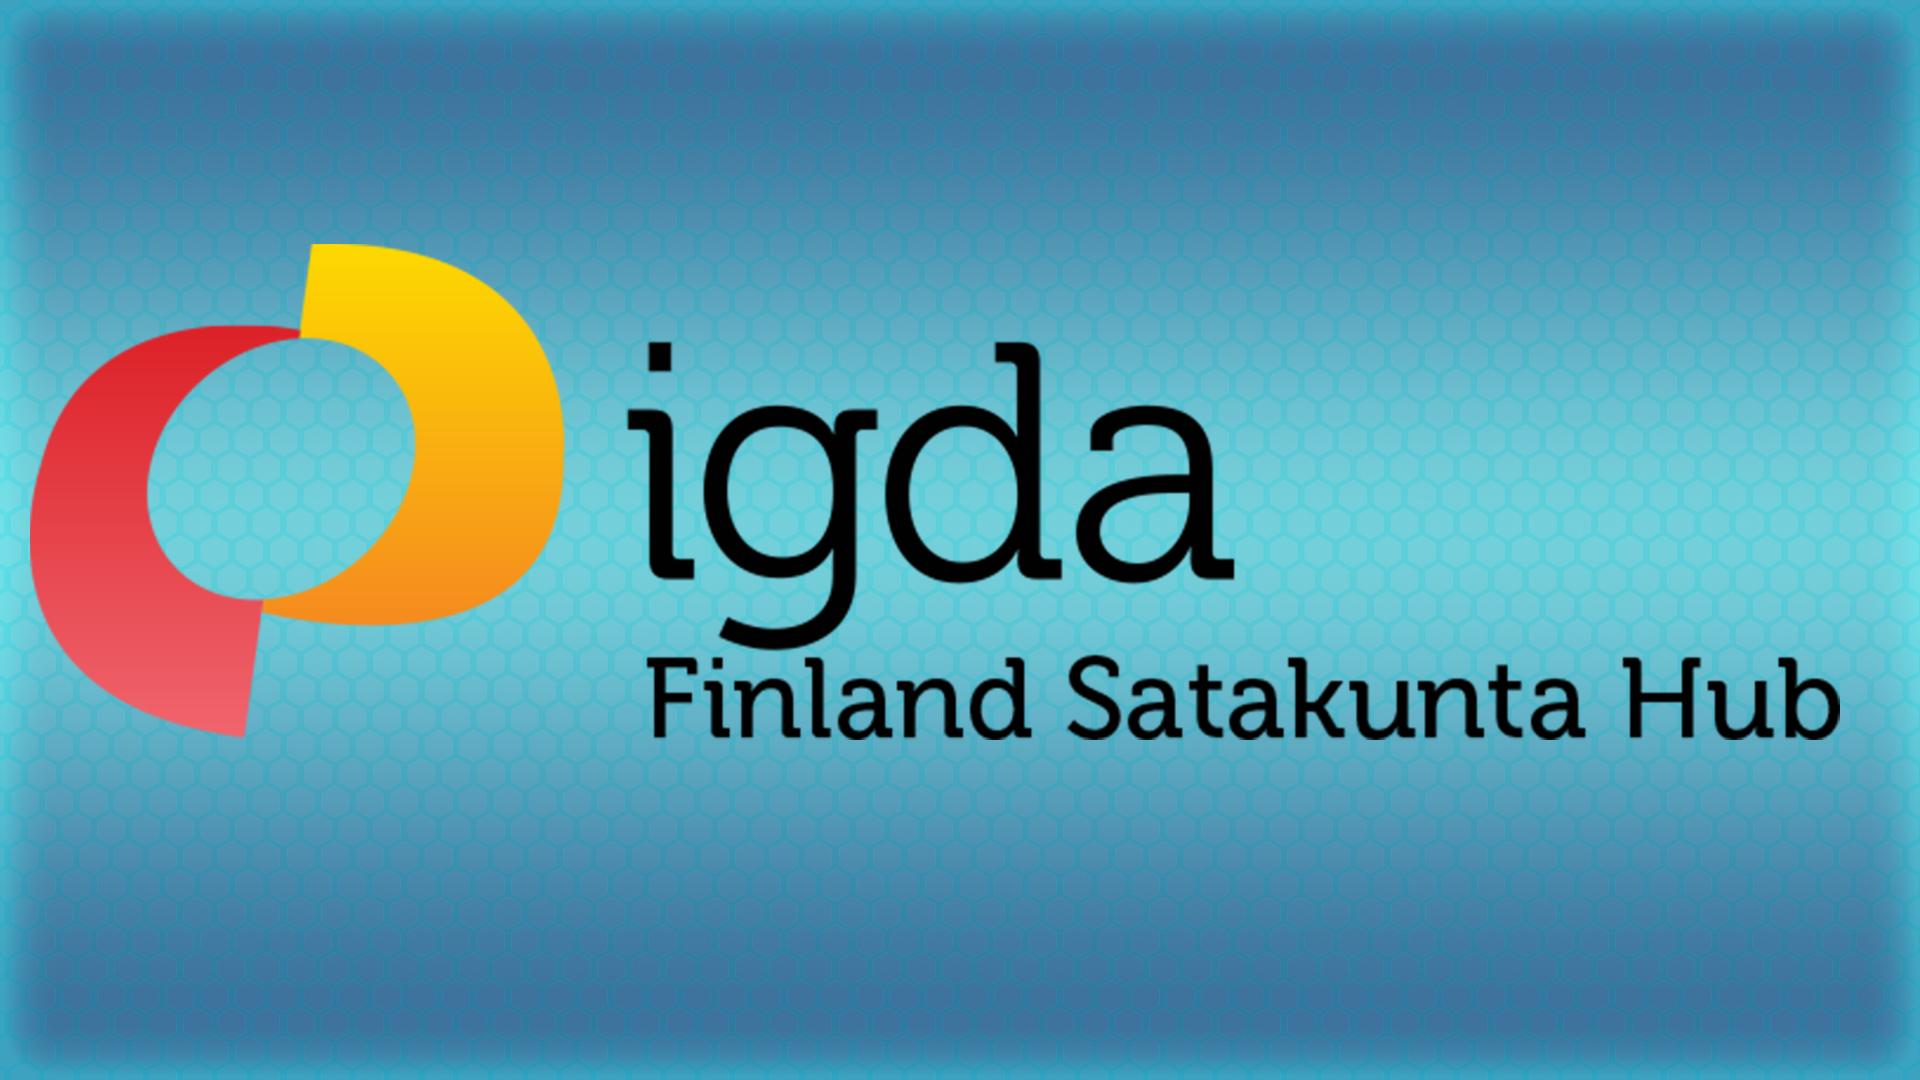 igda_logo_1920x1080.jpg